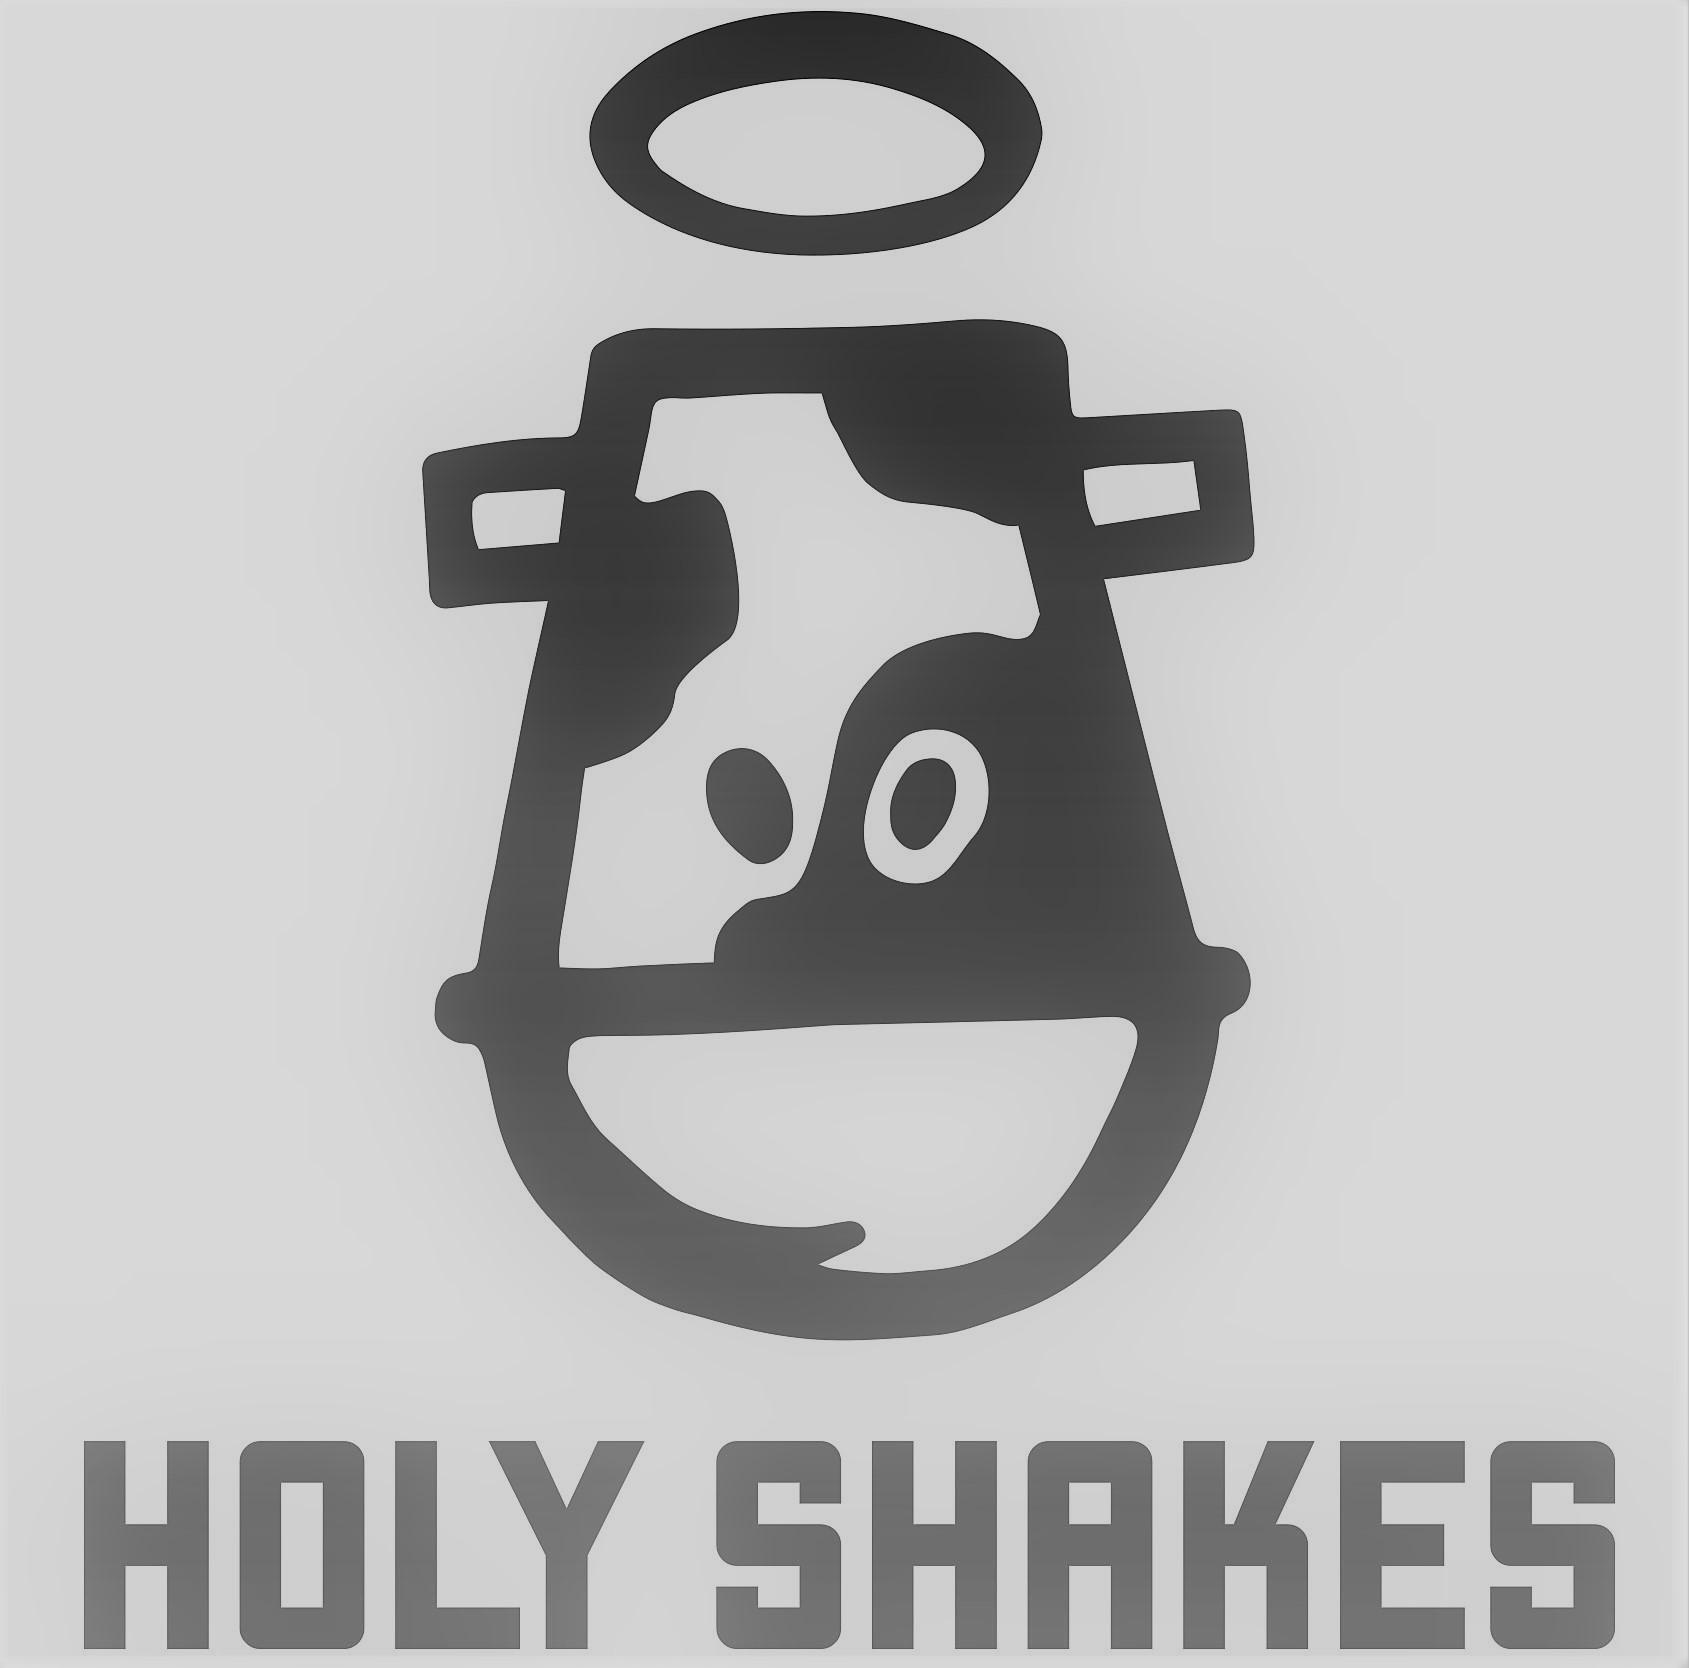 Holy Shakes logo